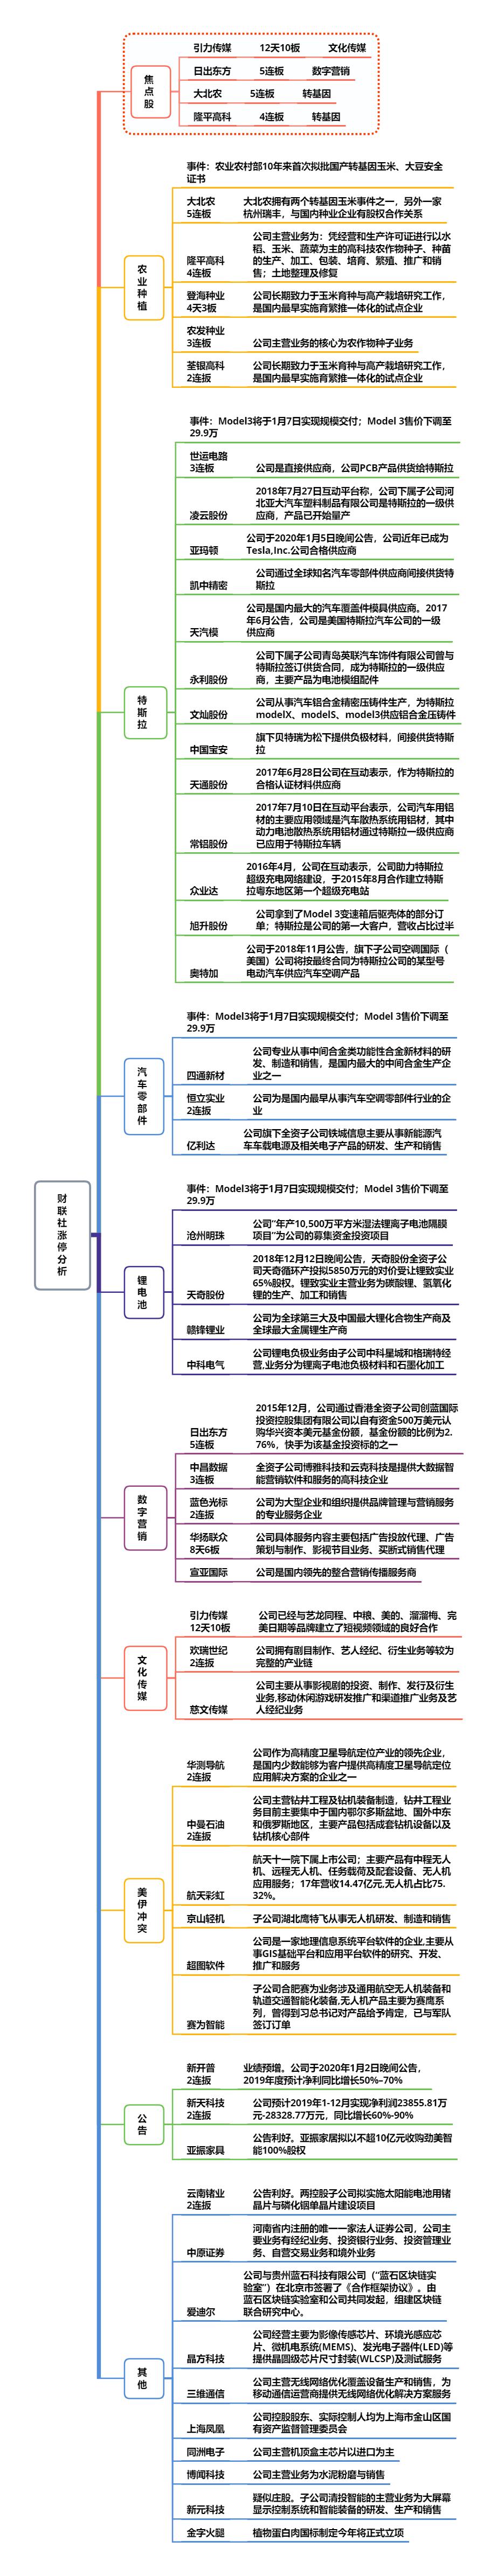 【财联社午报】沪指站上3100点 特斯拉掀起涨停潮